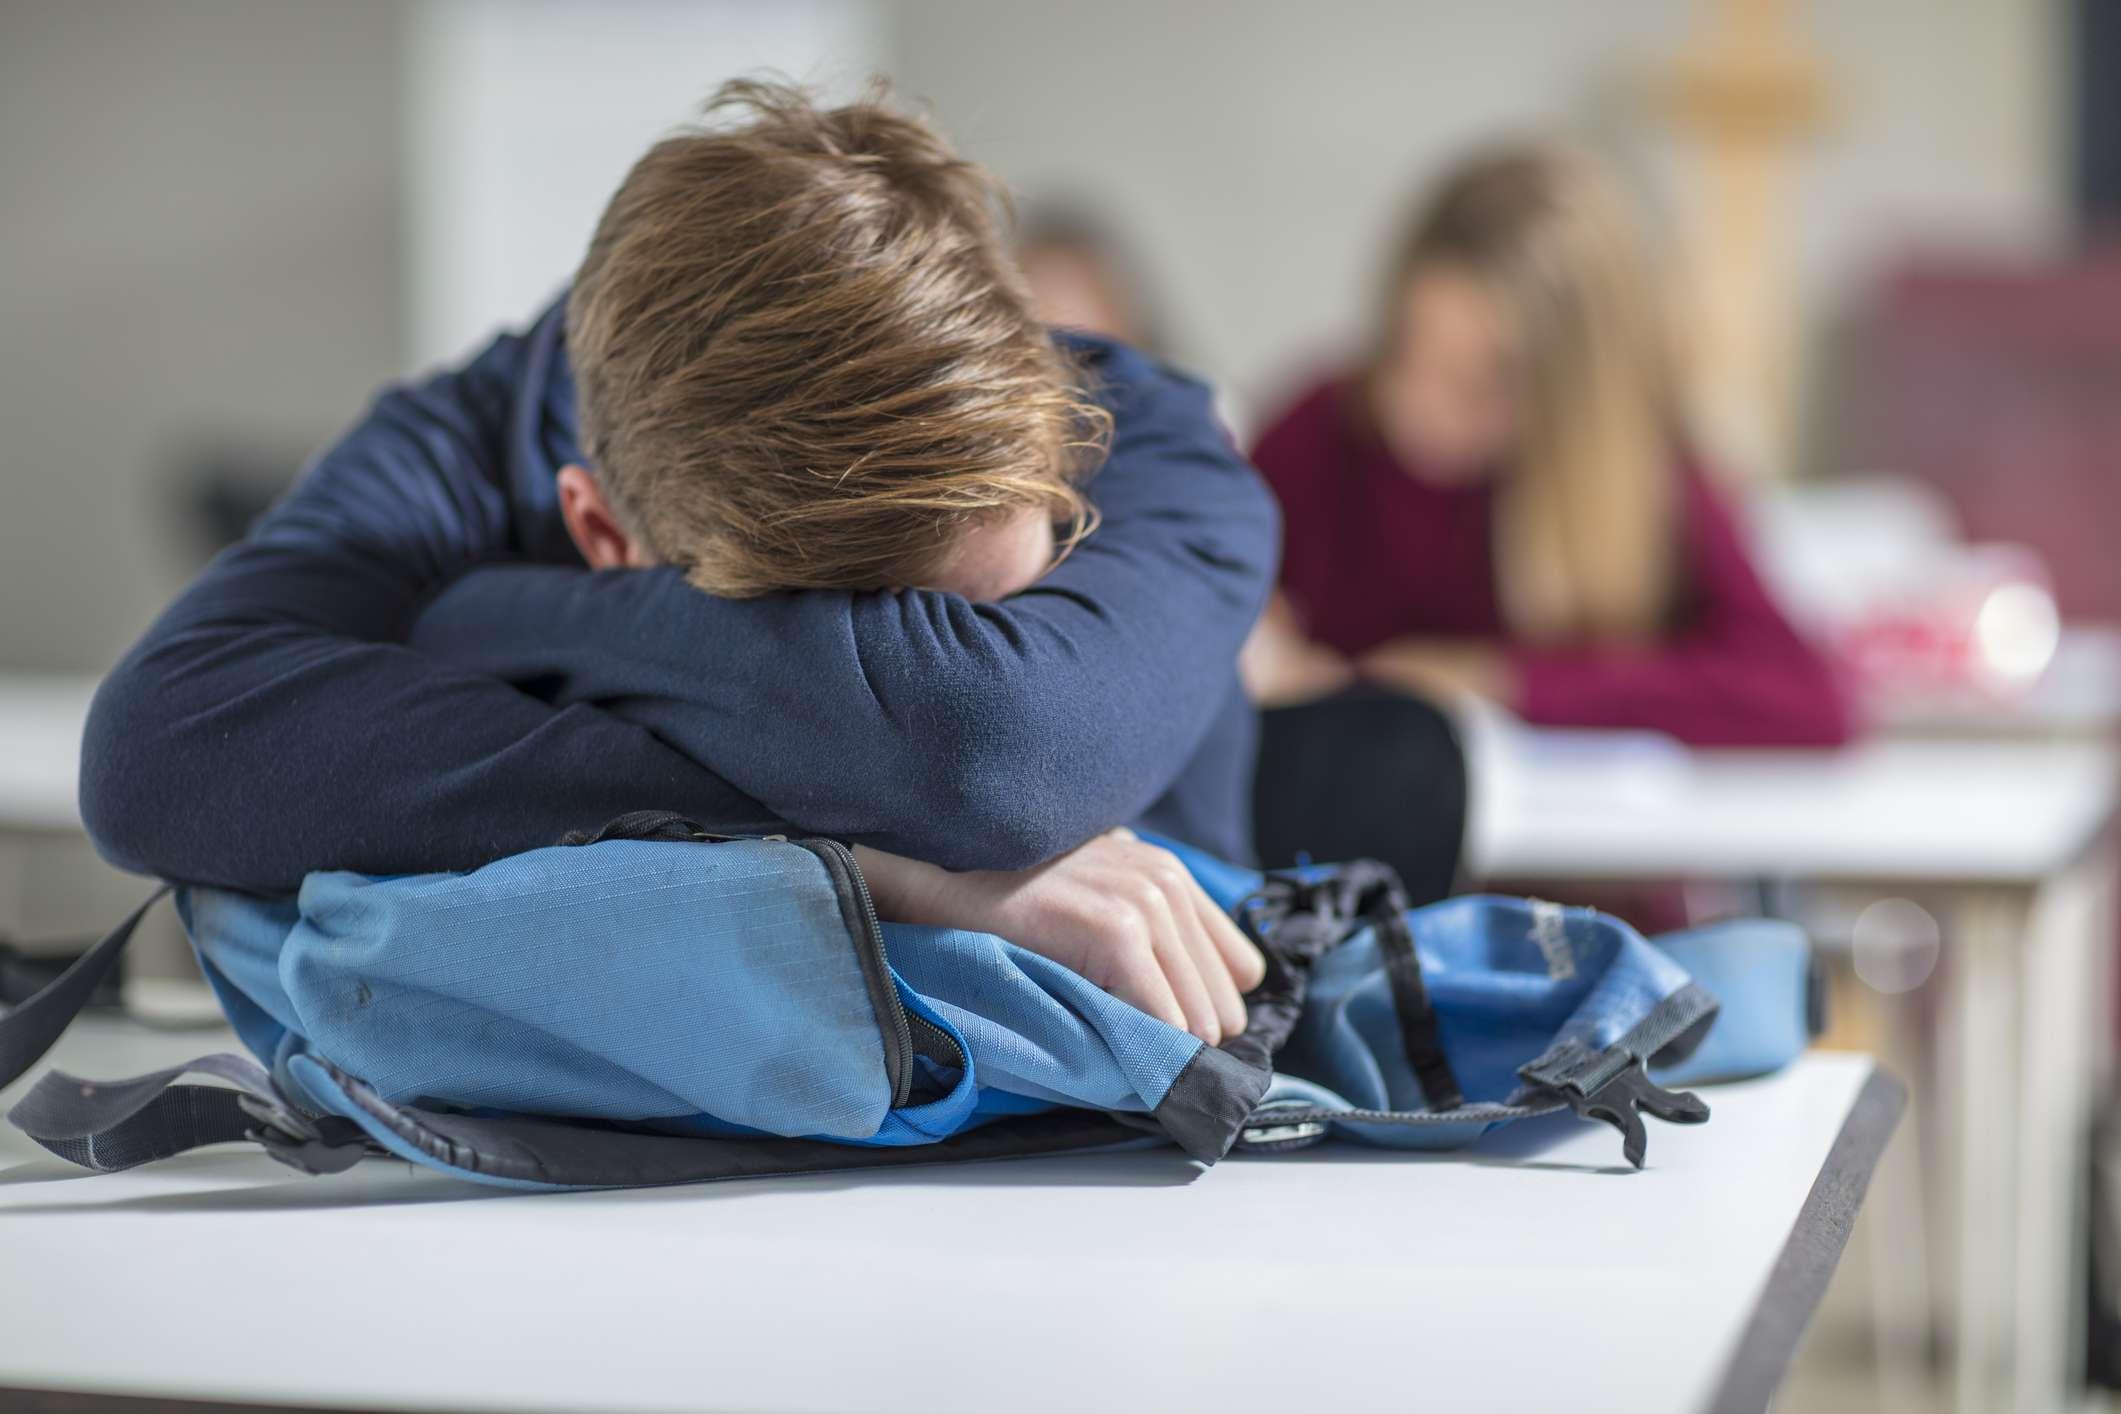 teenage boy sleeping on desk in class